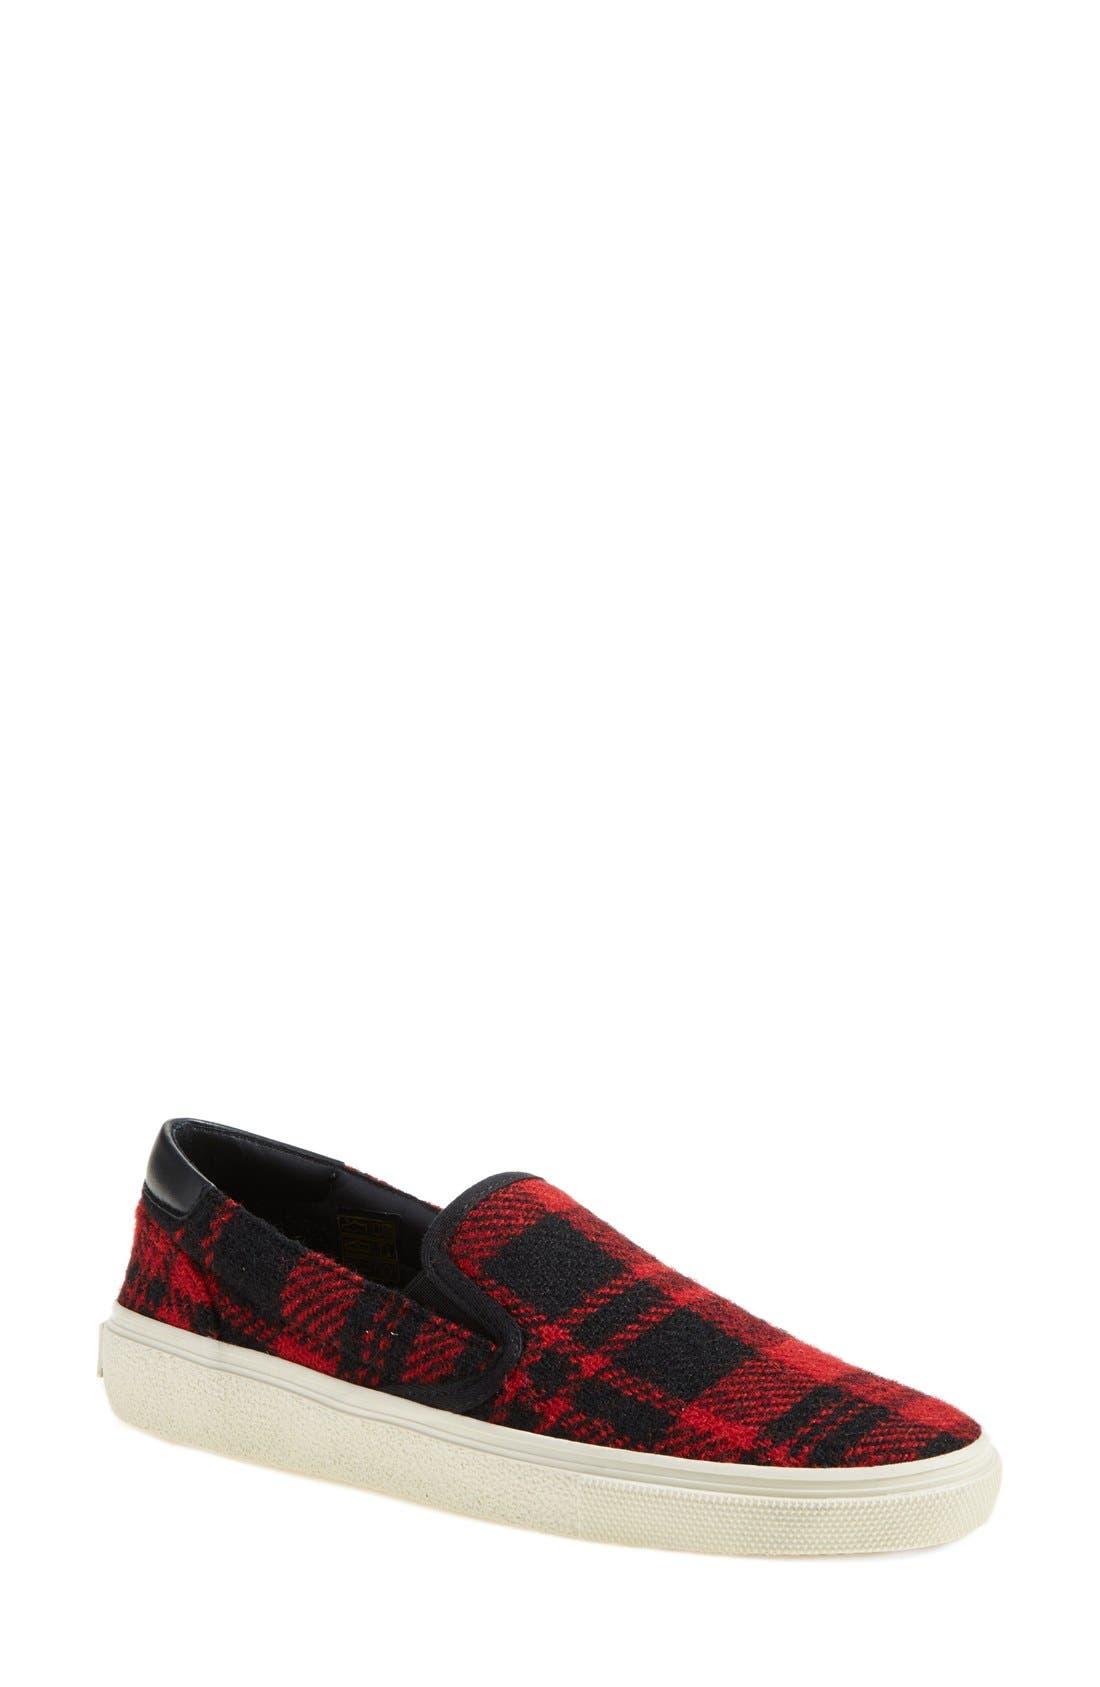 Main Image - Saint Laurent 'Skate' Slip-On Sneaker (Women)